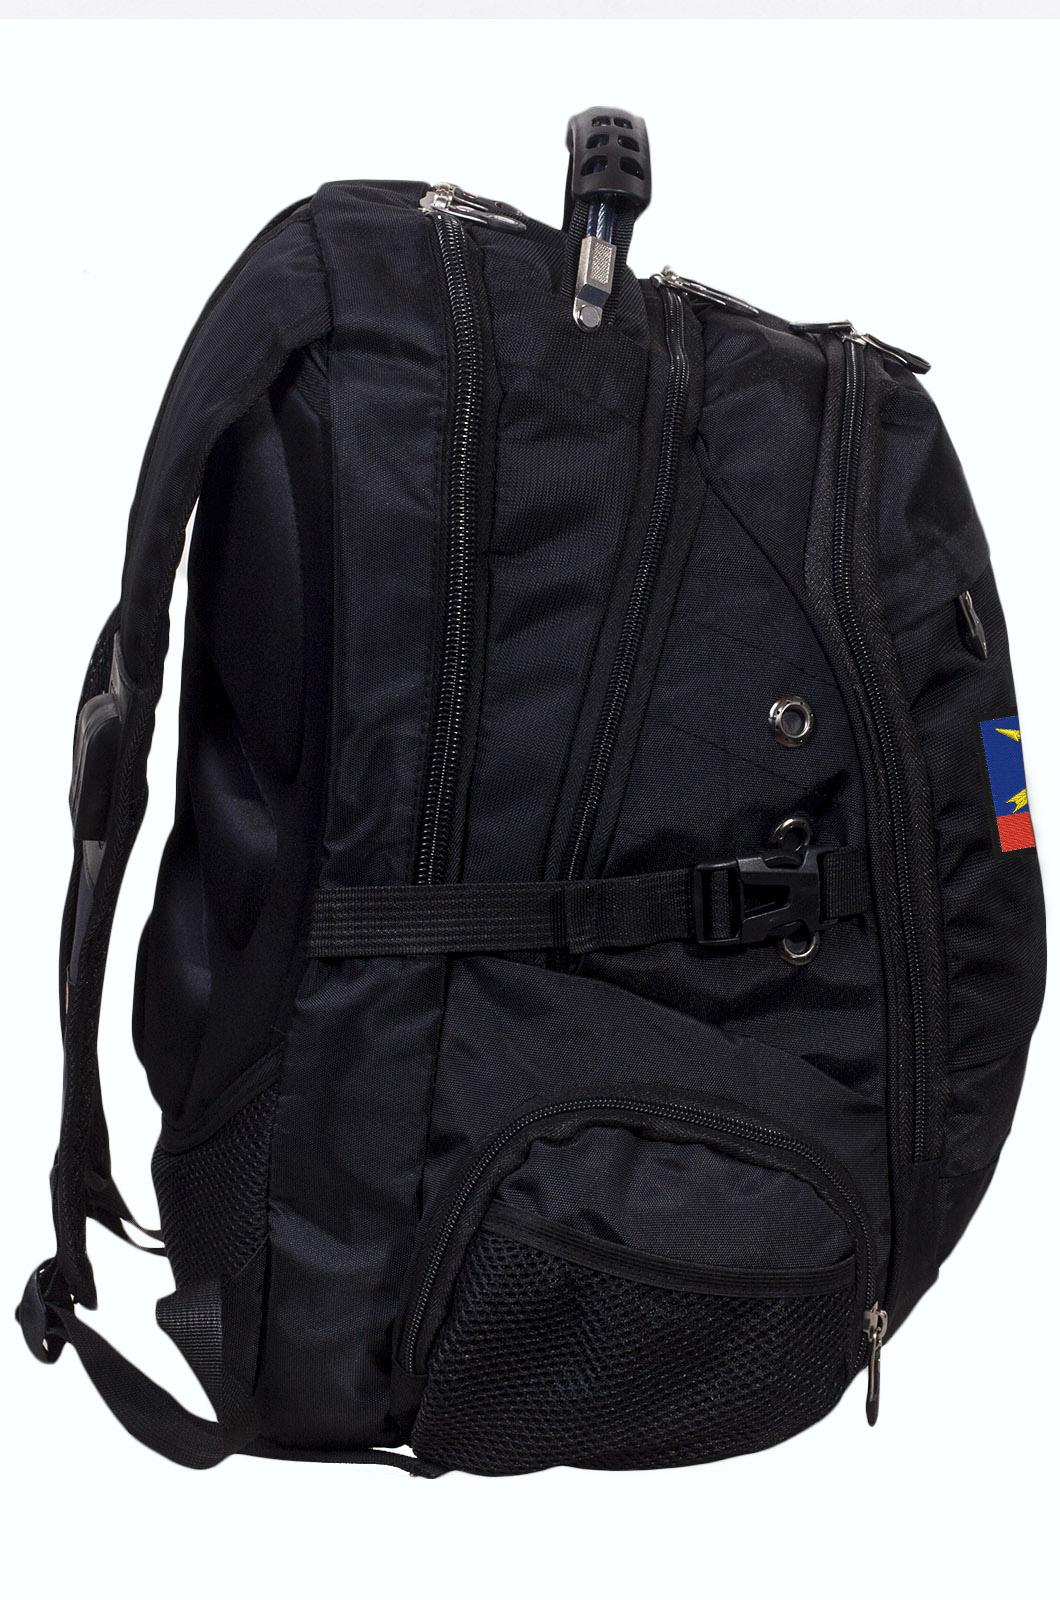 Заказать оригинальный городской рюкзак с эмблемой РВСН